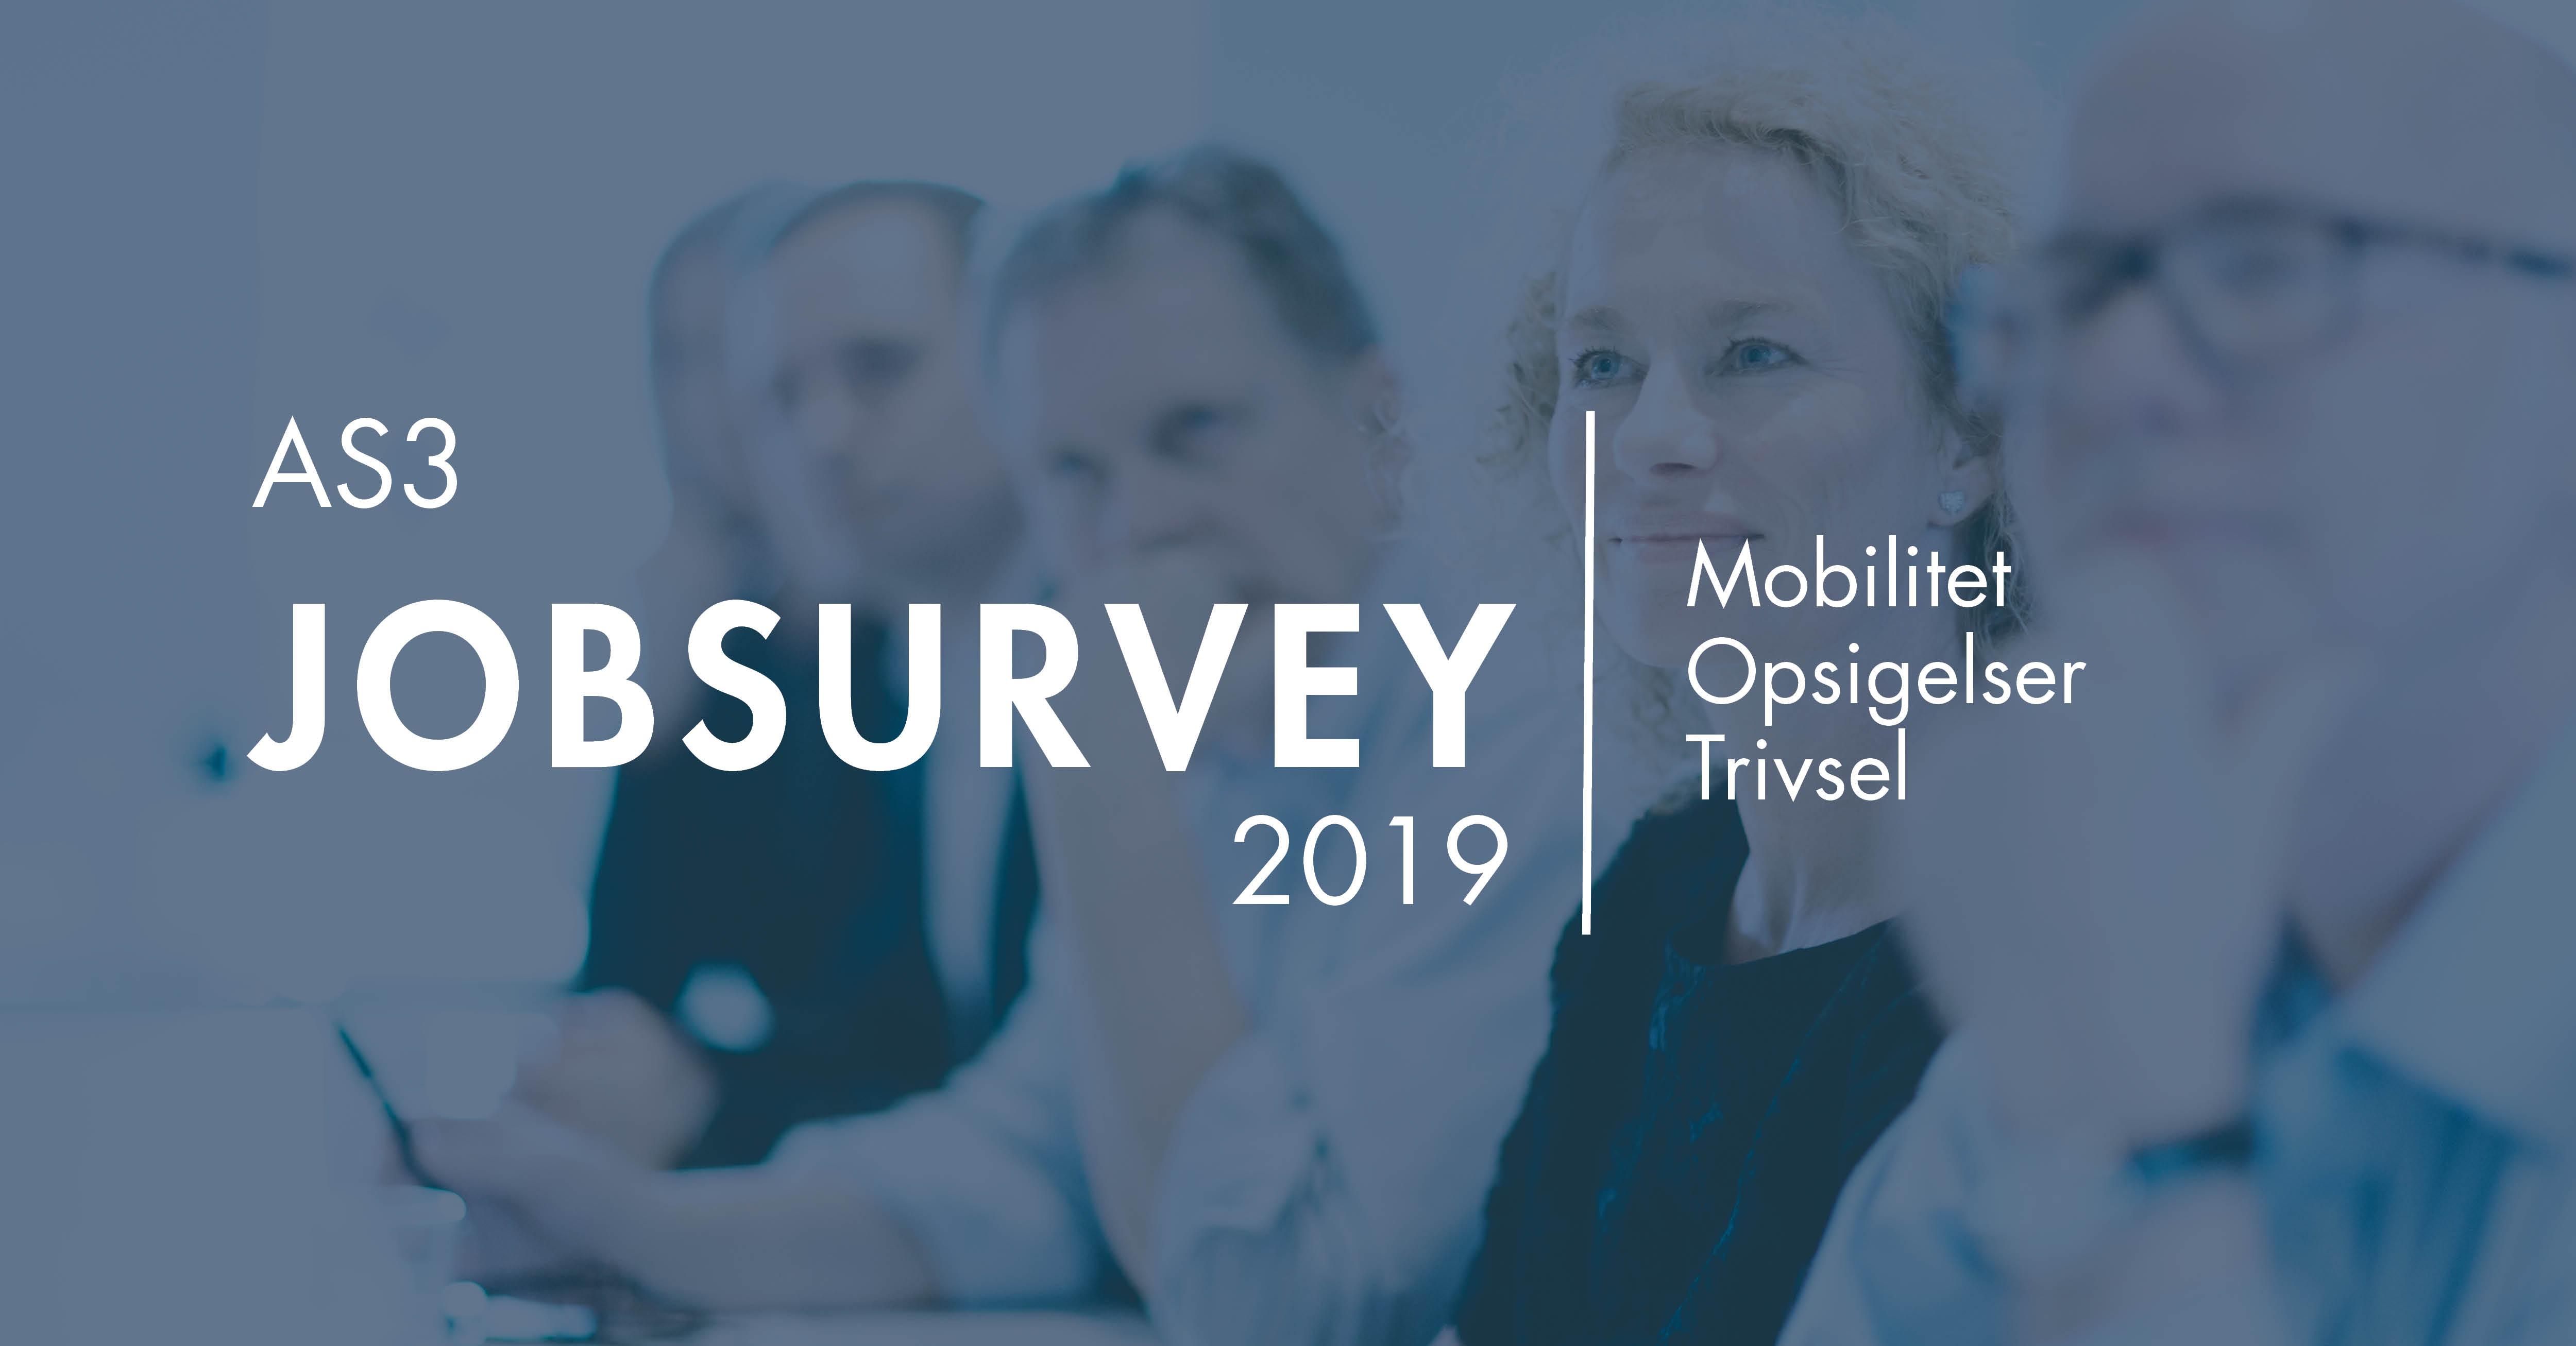 AS3 Jobsurvey 2019: Ny undersøgelse stiller skarpt på danskernes arbejdsliv